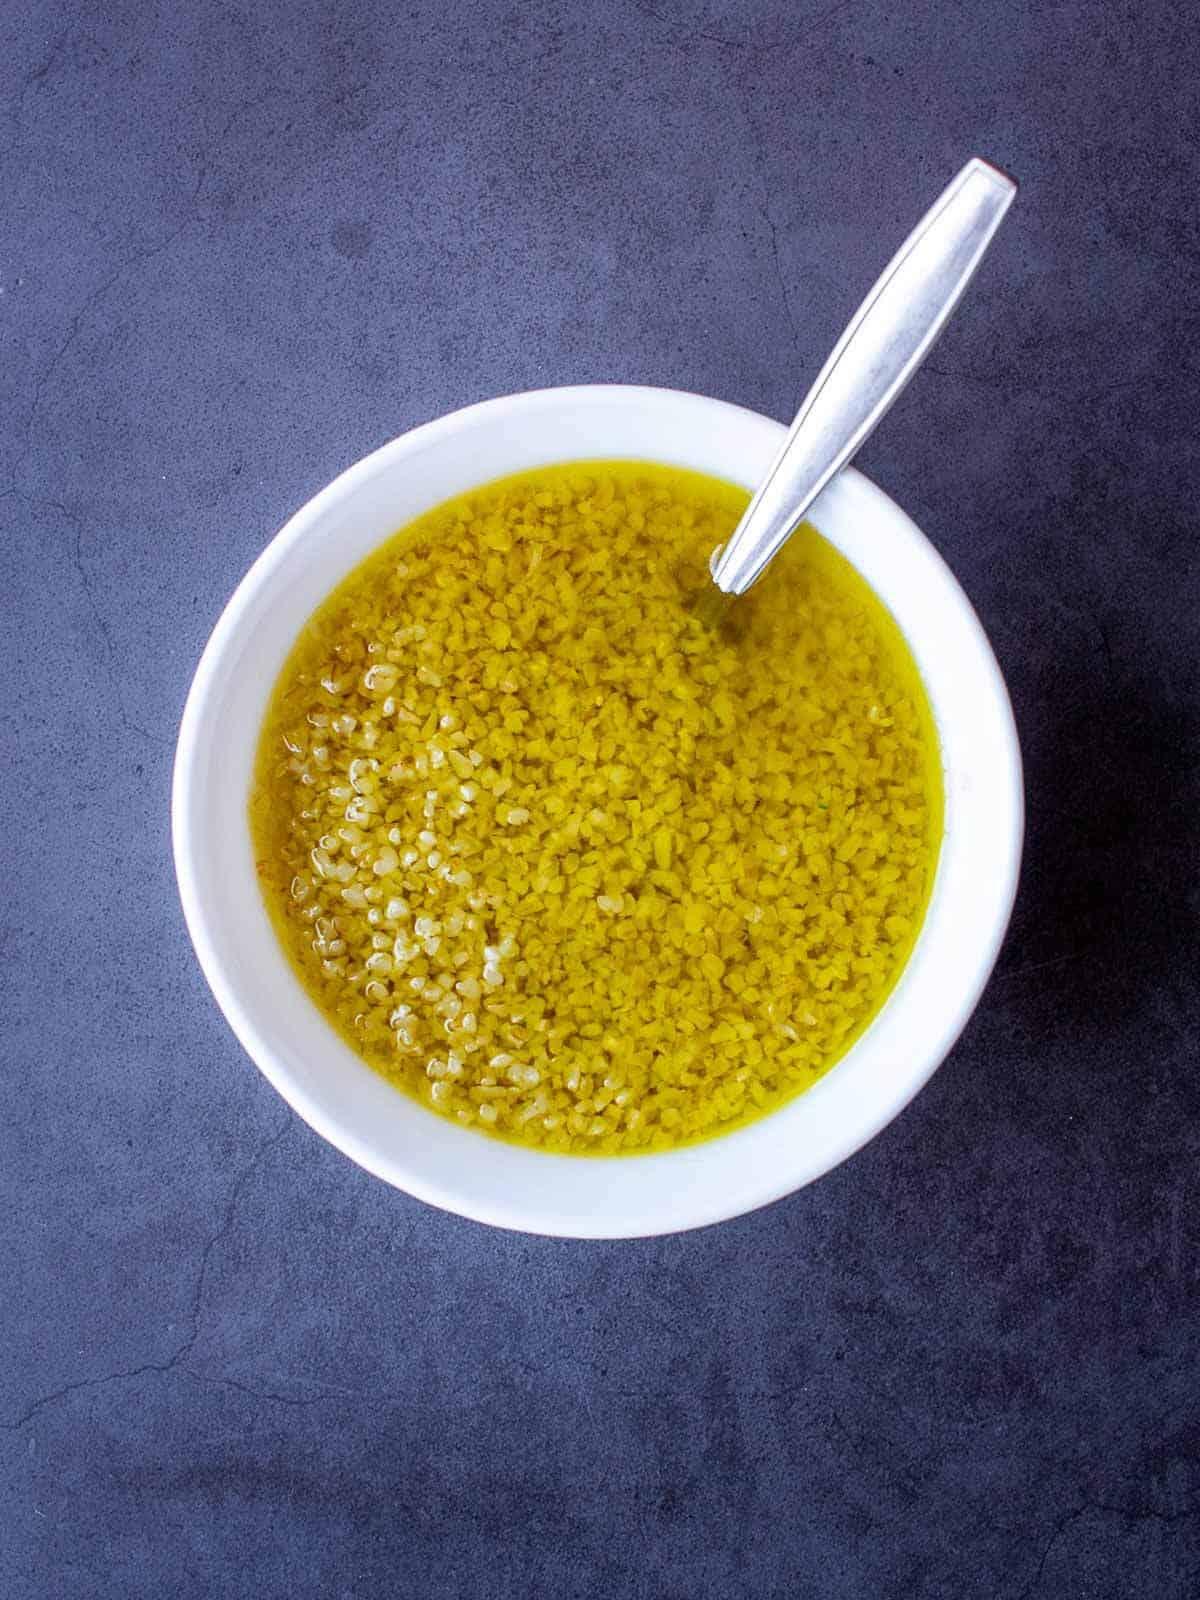 Olive oil, lemon juice and burghul marinade